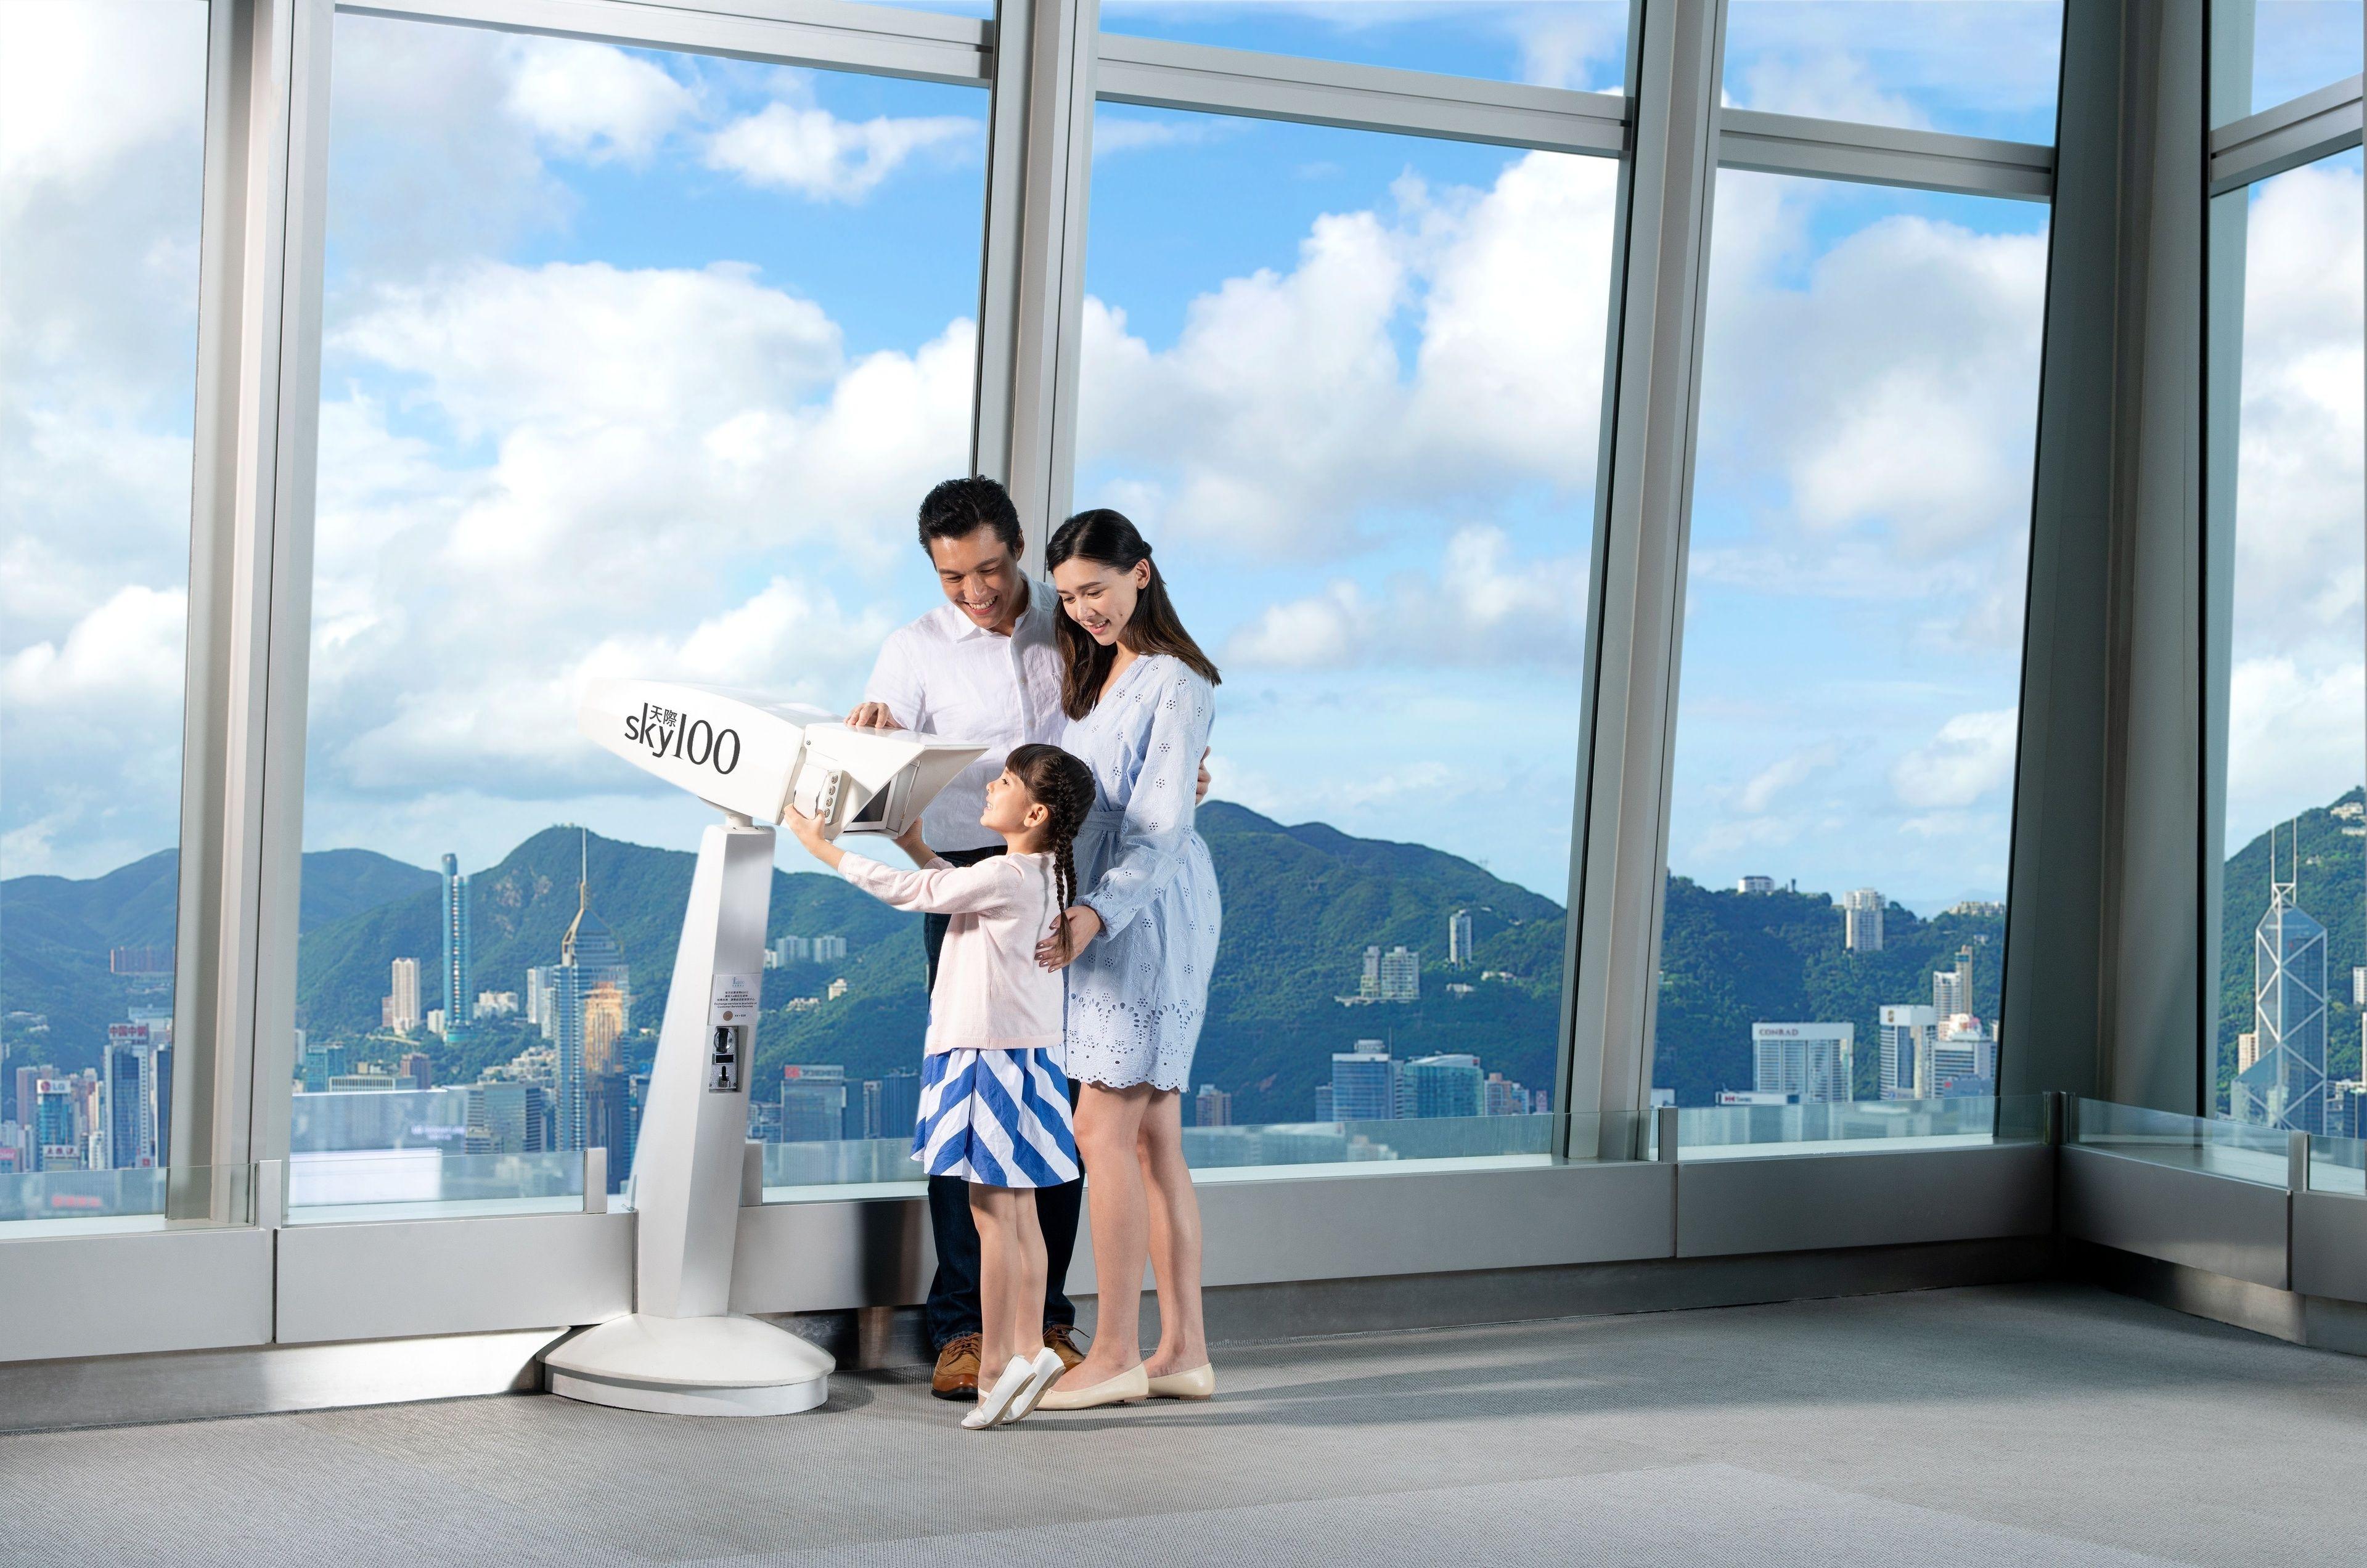 sky100 Hong Kong Observation Deck Tickets